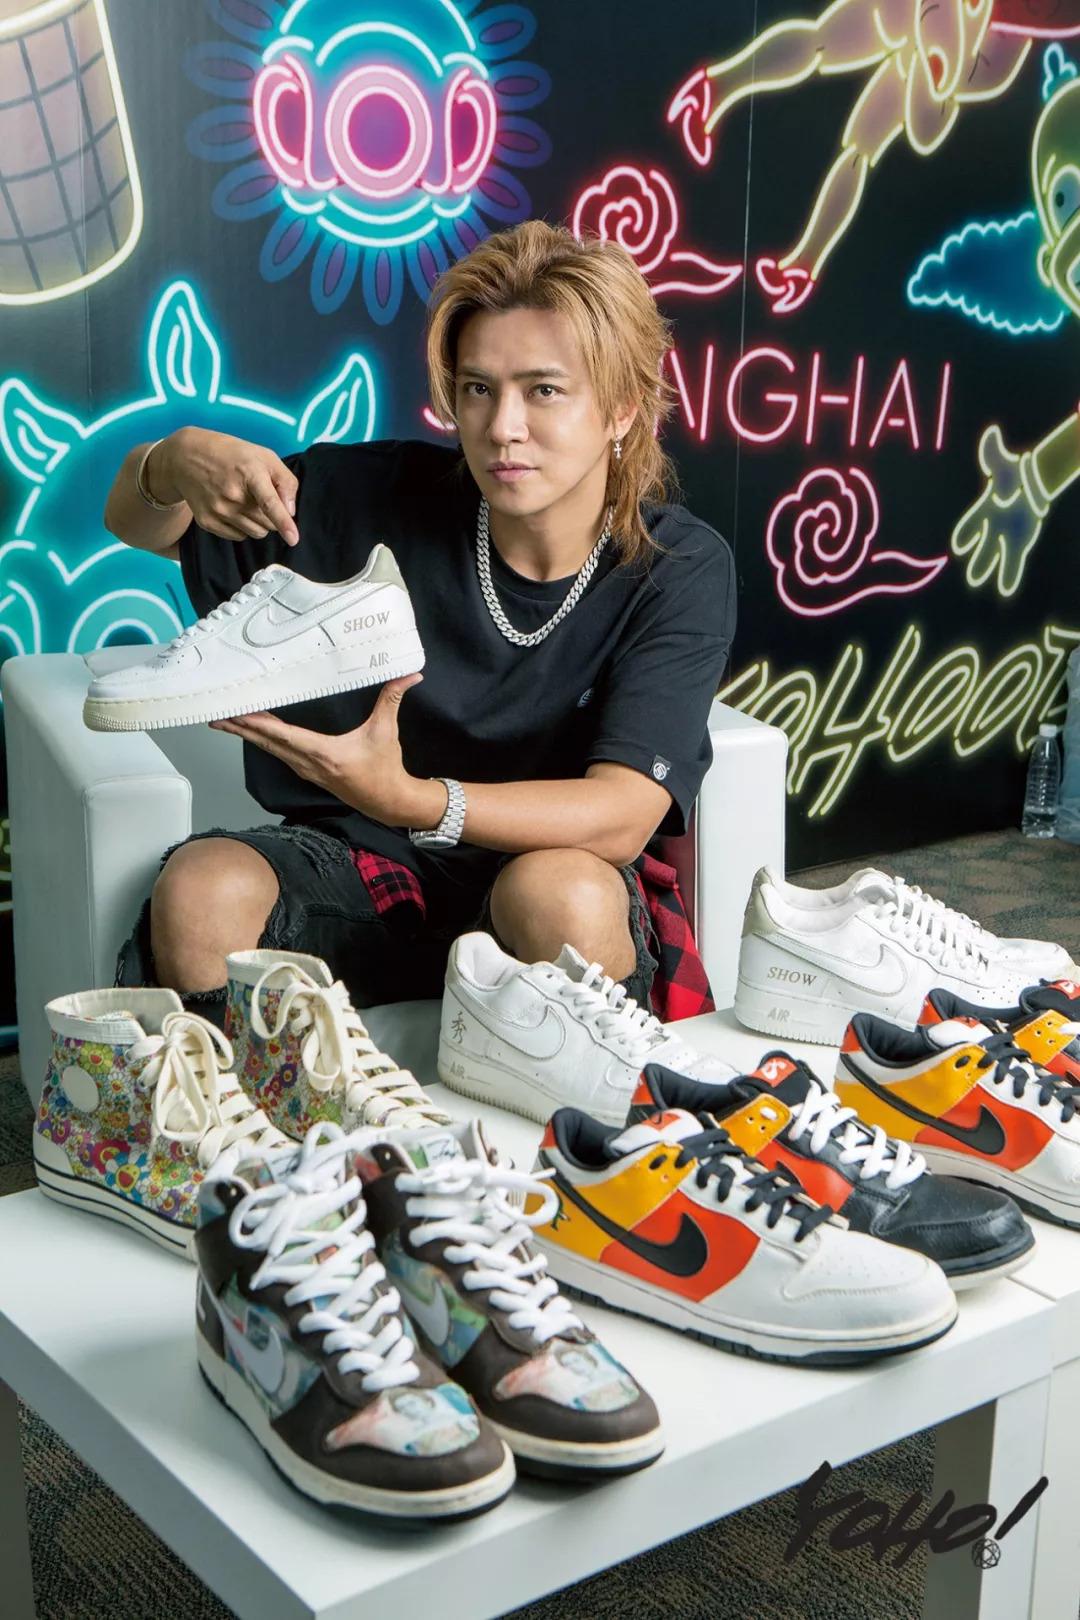 超级鞋头罗志祥:Nike为他出过定制款、你能想到的OG和热门鞋款他都有!